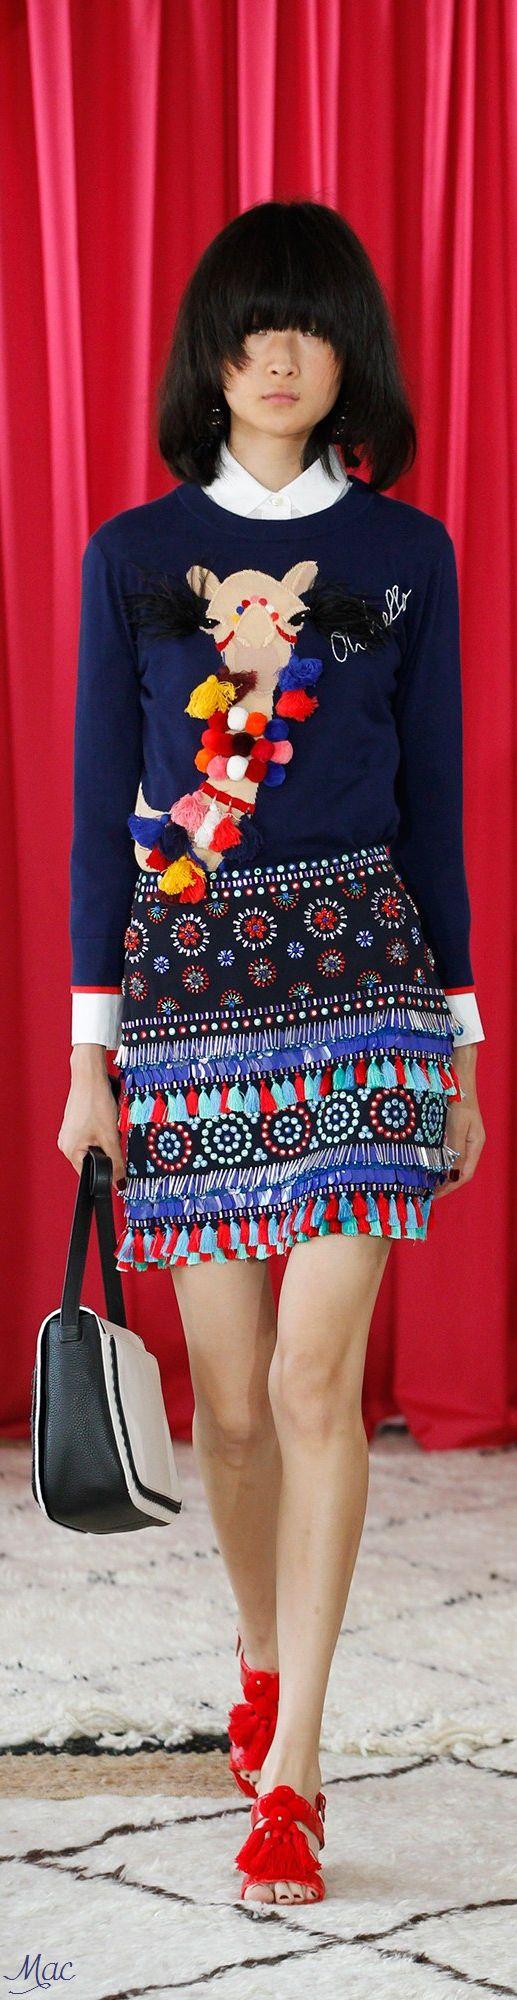 Kate Spade New York S-17 RTW: camel with pom poms jumper, ethnic skirt.